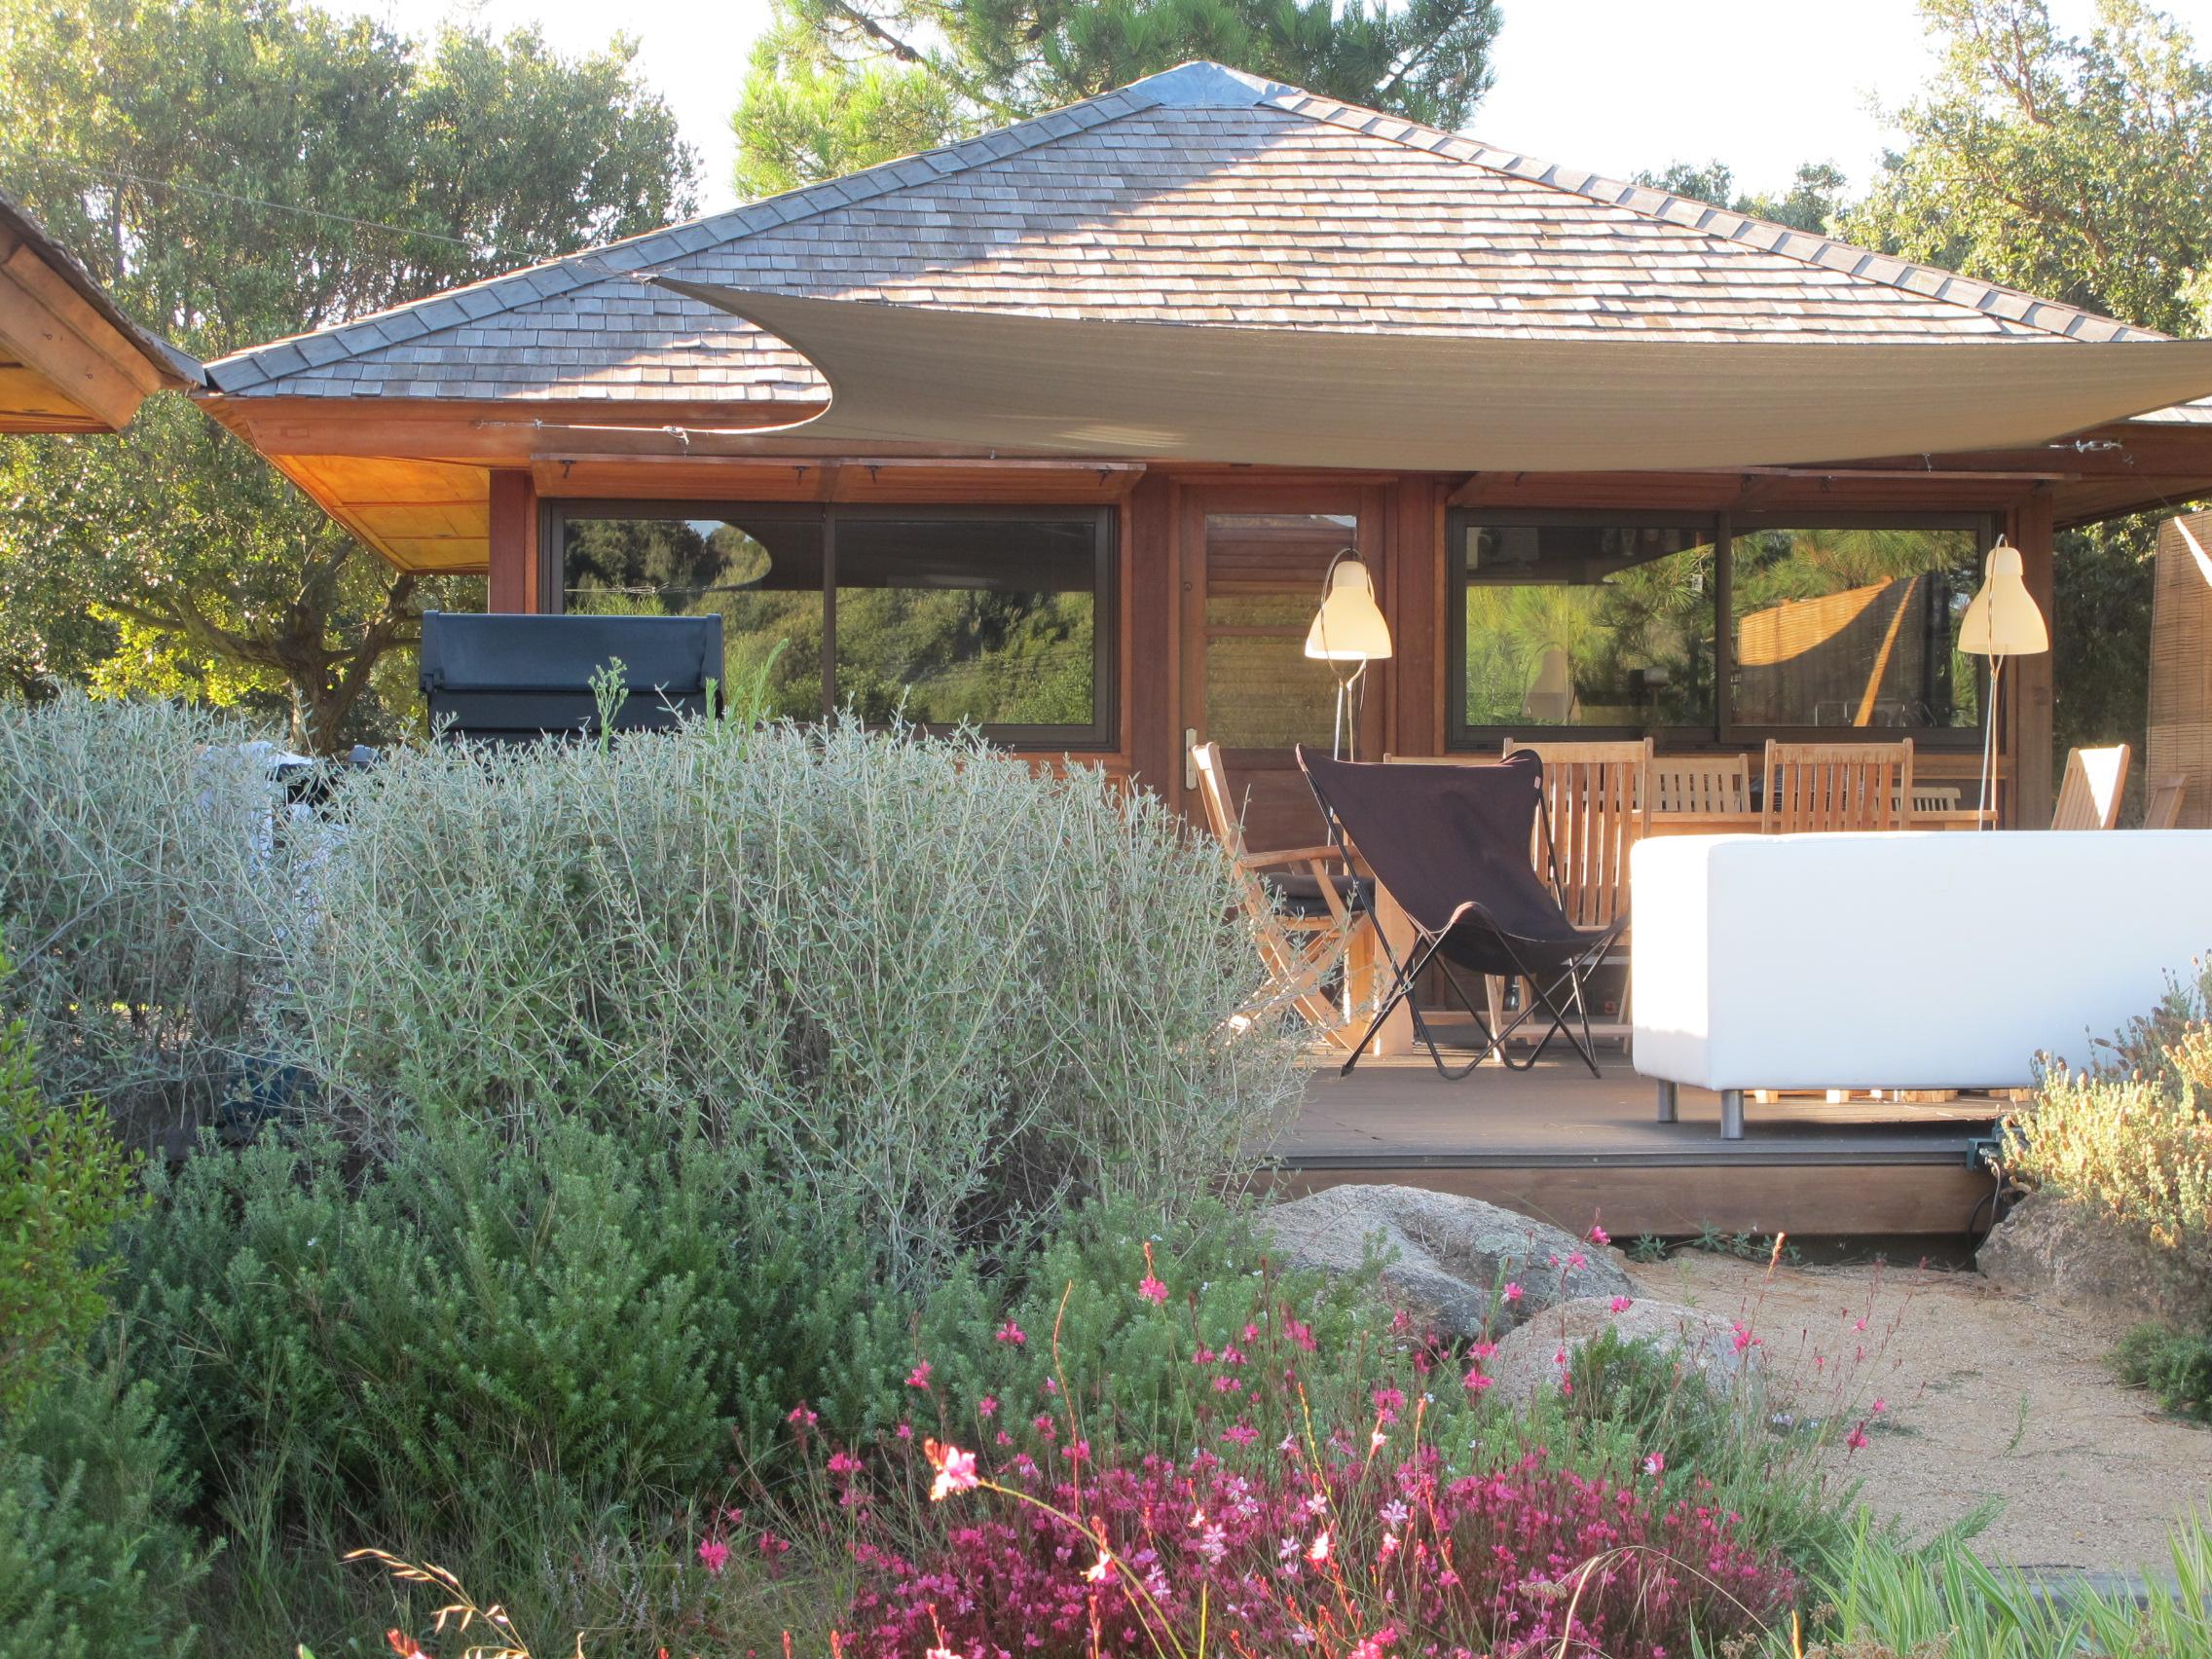 Cottage bungalows pavillons bois en kit avec mobiteck for Container maison 974